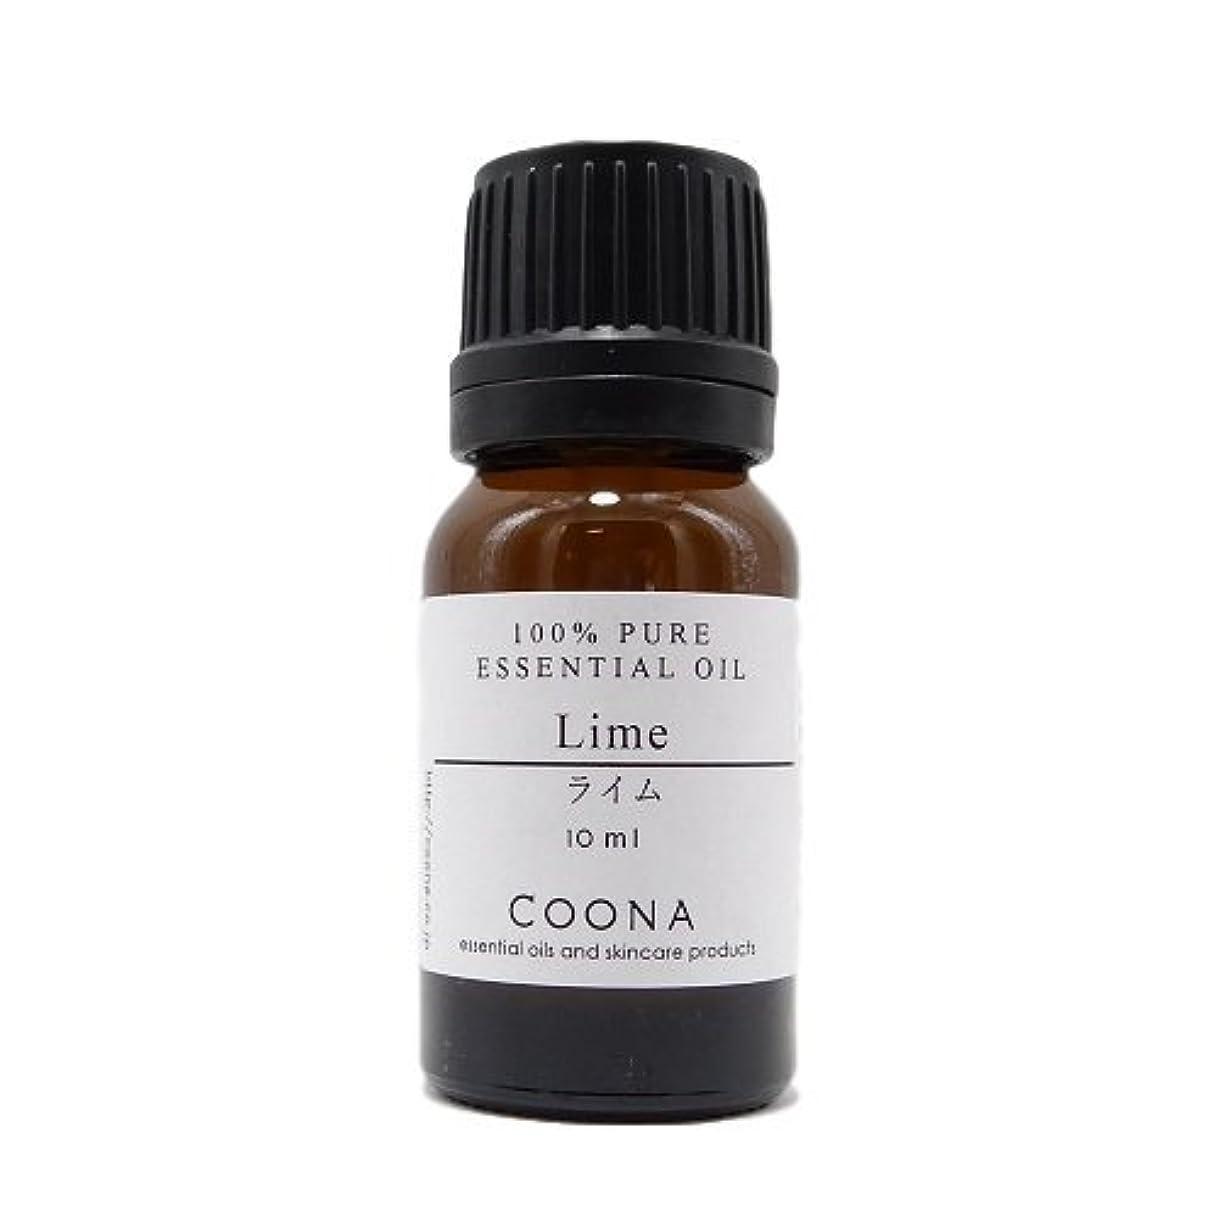 結論完全に乾く強化ライム 10 ml (COONA エッセンシャルオイル アロマオイル 100%天然植物精油)